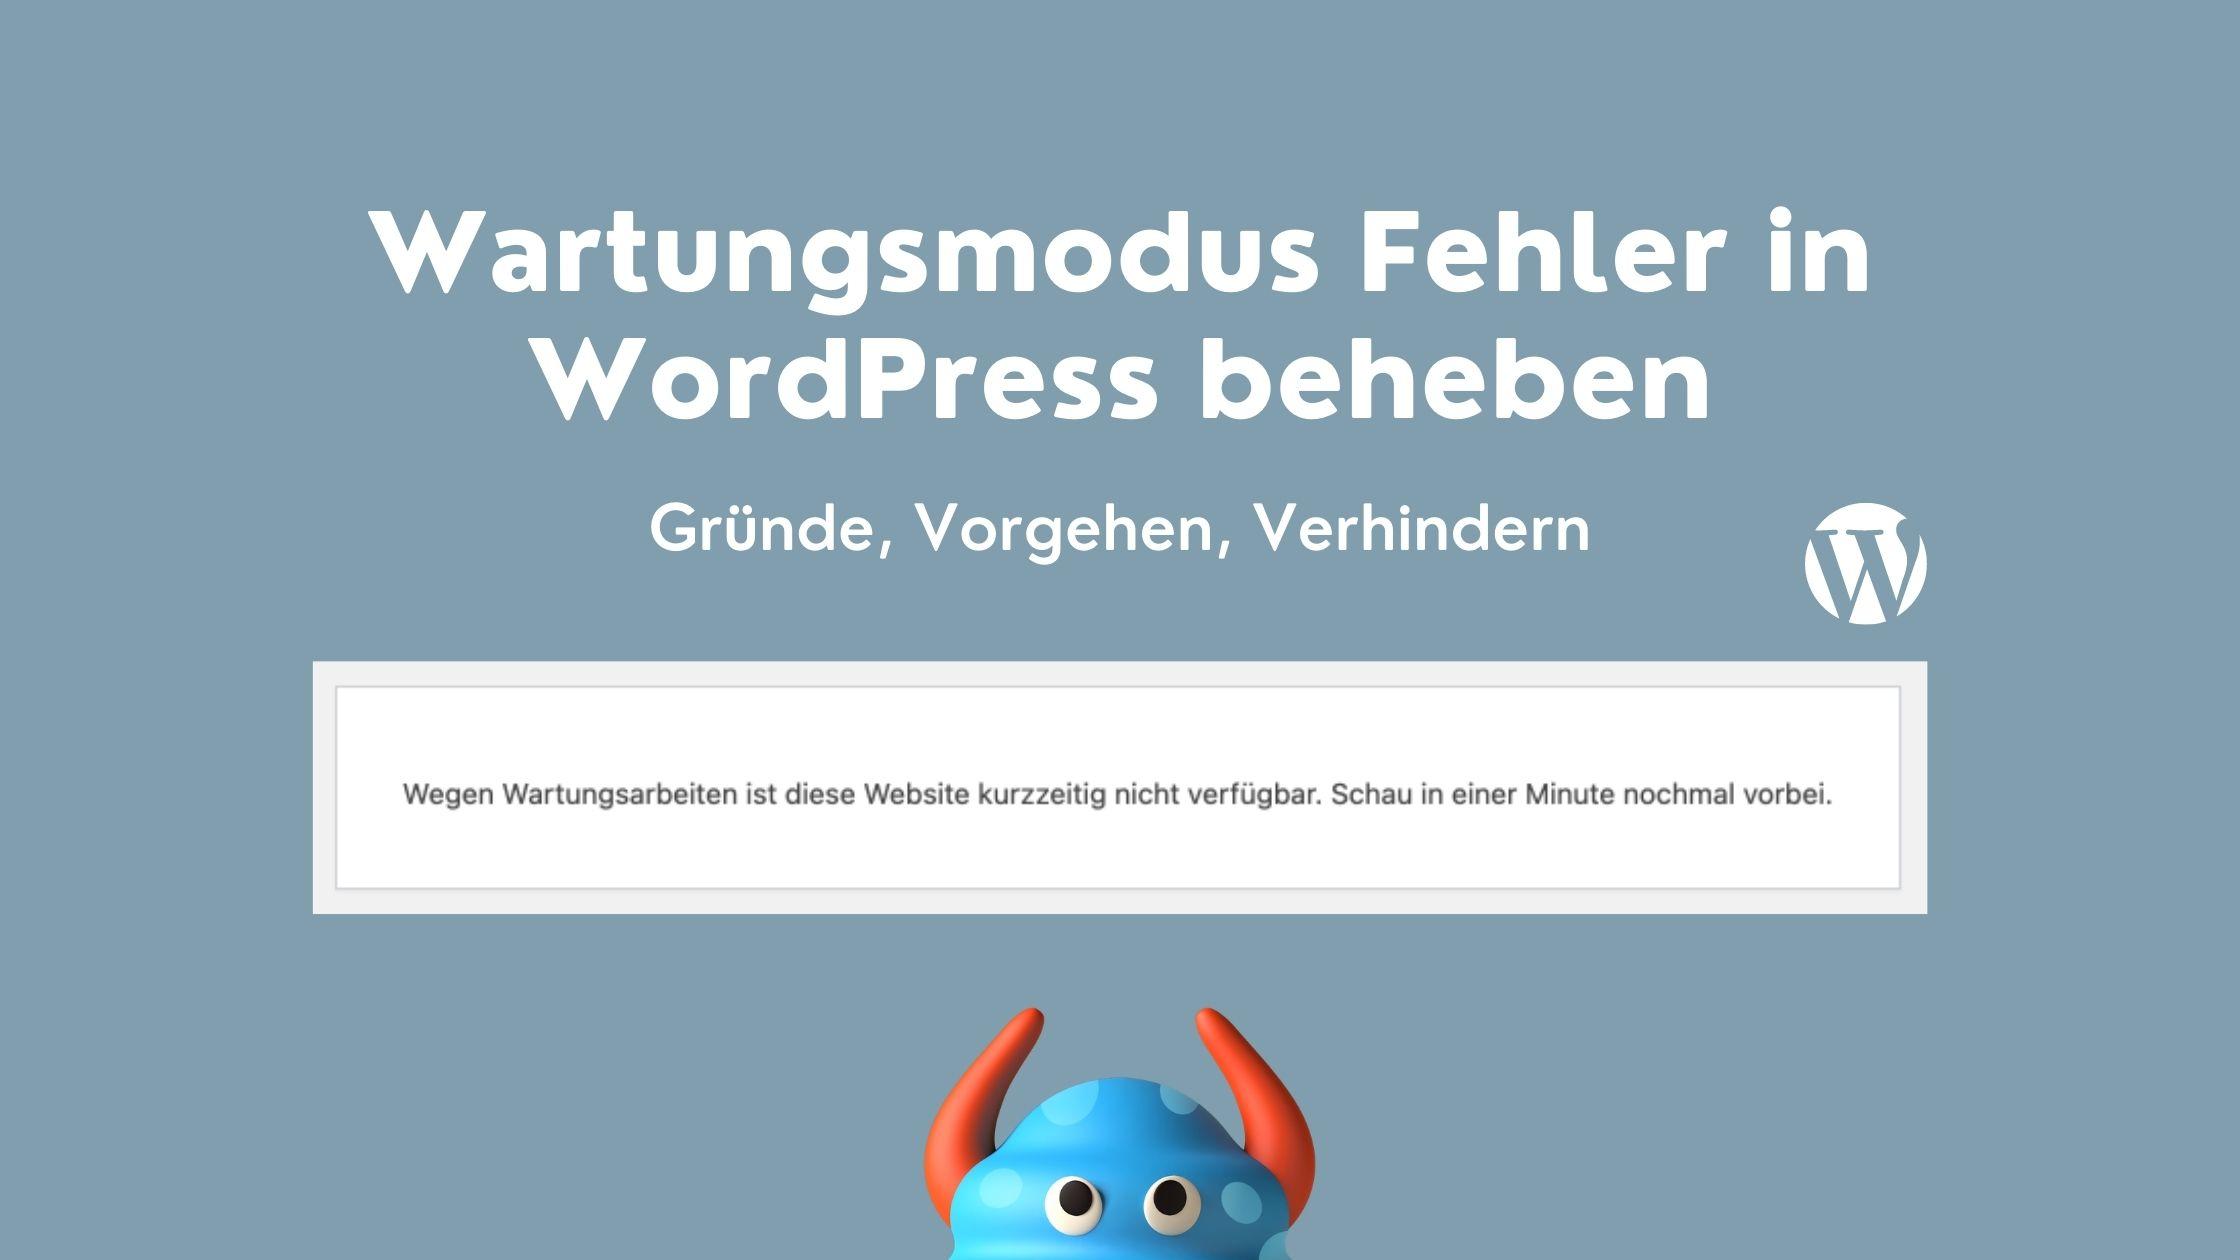 Wartungsmodus bei WordPress deaktivieren nach Fehlermeldung